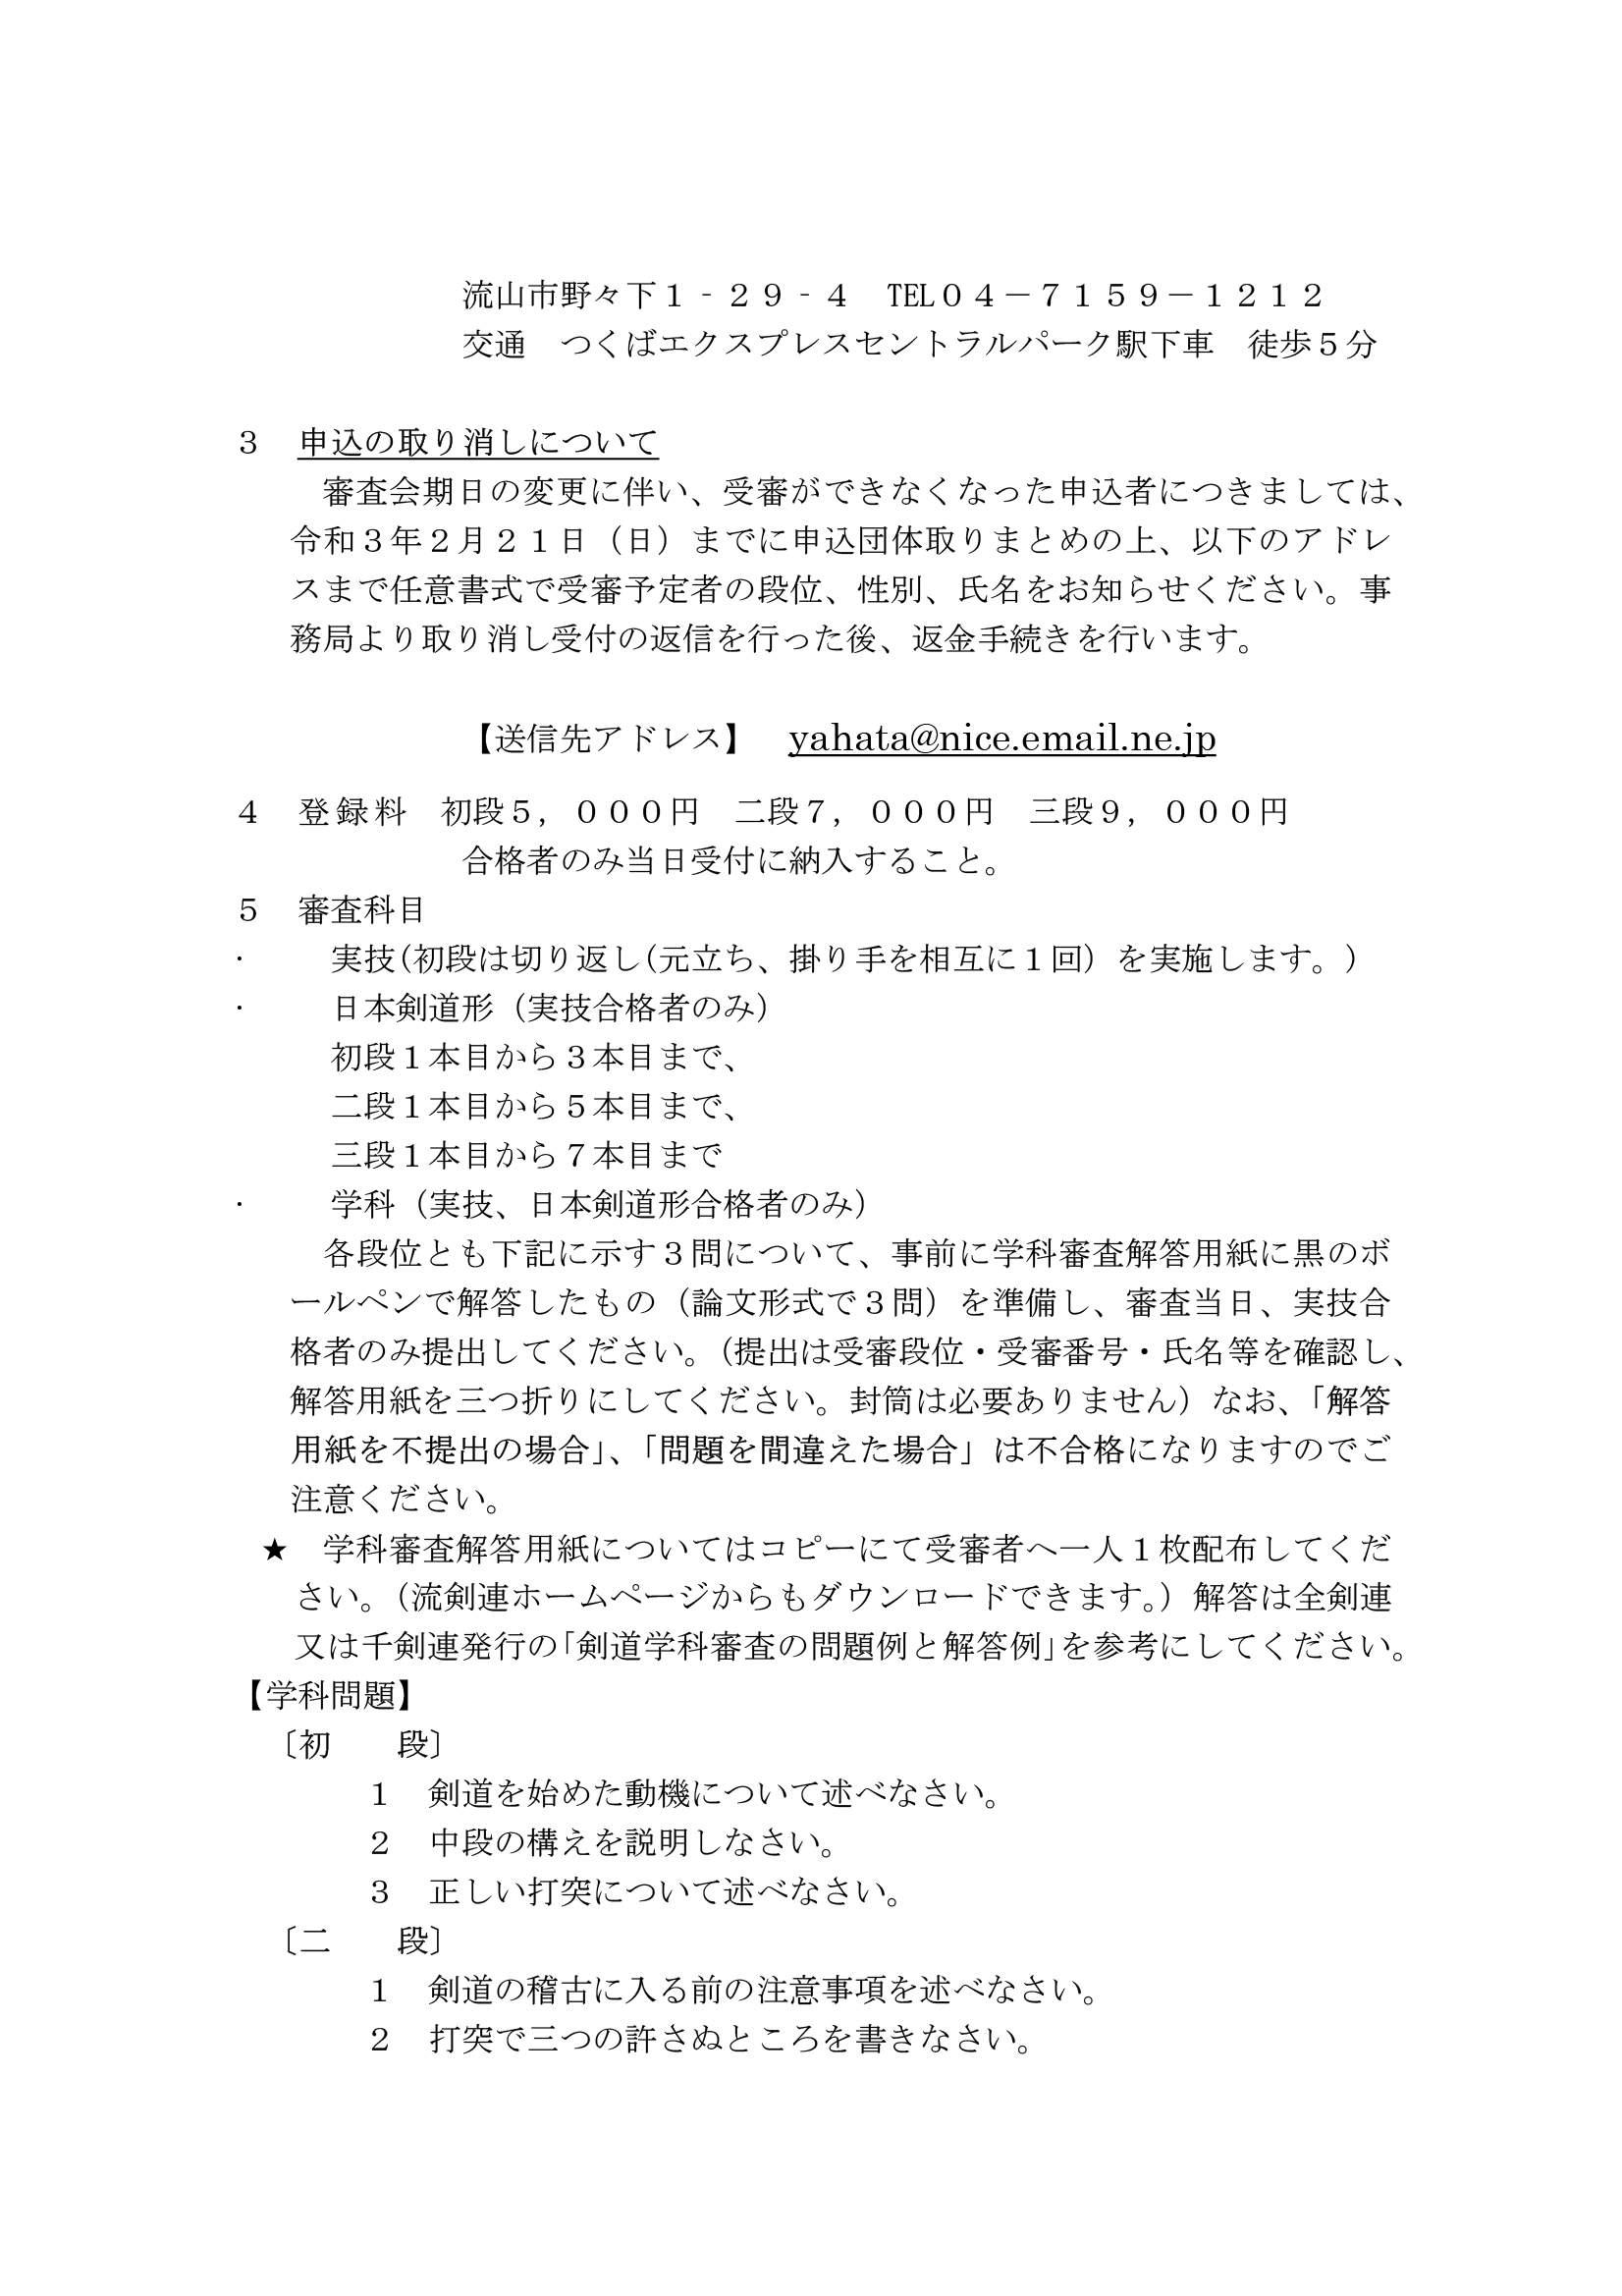 2021.3.28三市合同審査会案内文_0002